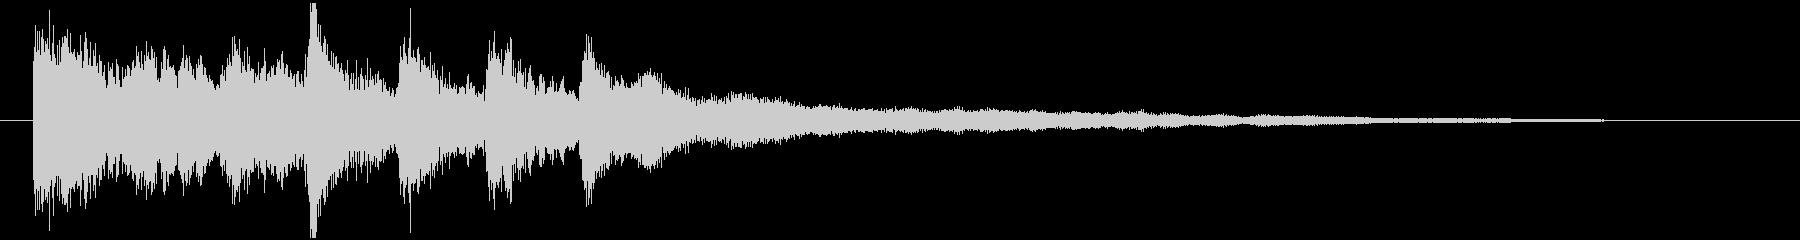 企業サウンドロゴ ギター ヴァイオリンの未再生の波形